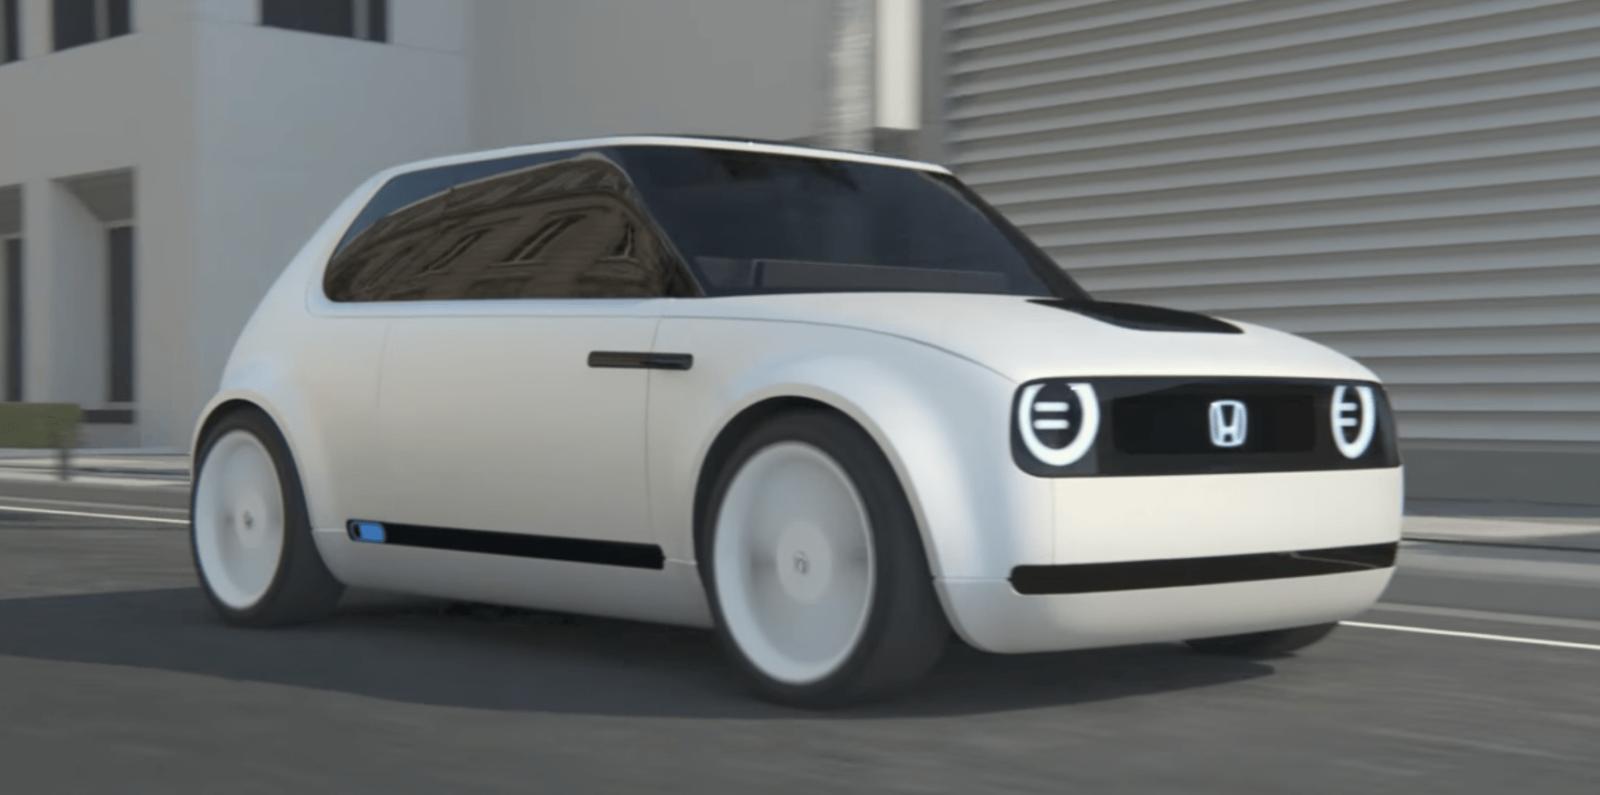 24 Great 2020 Honda Vehicles Rumors with 2020 Honda Vehicles